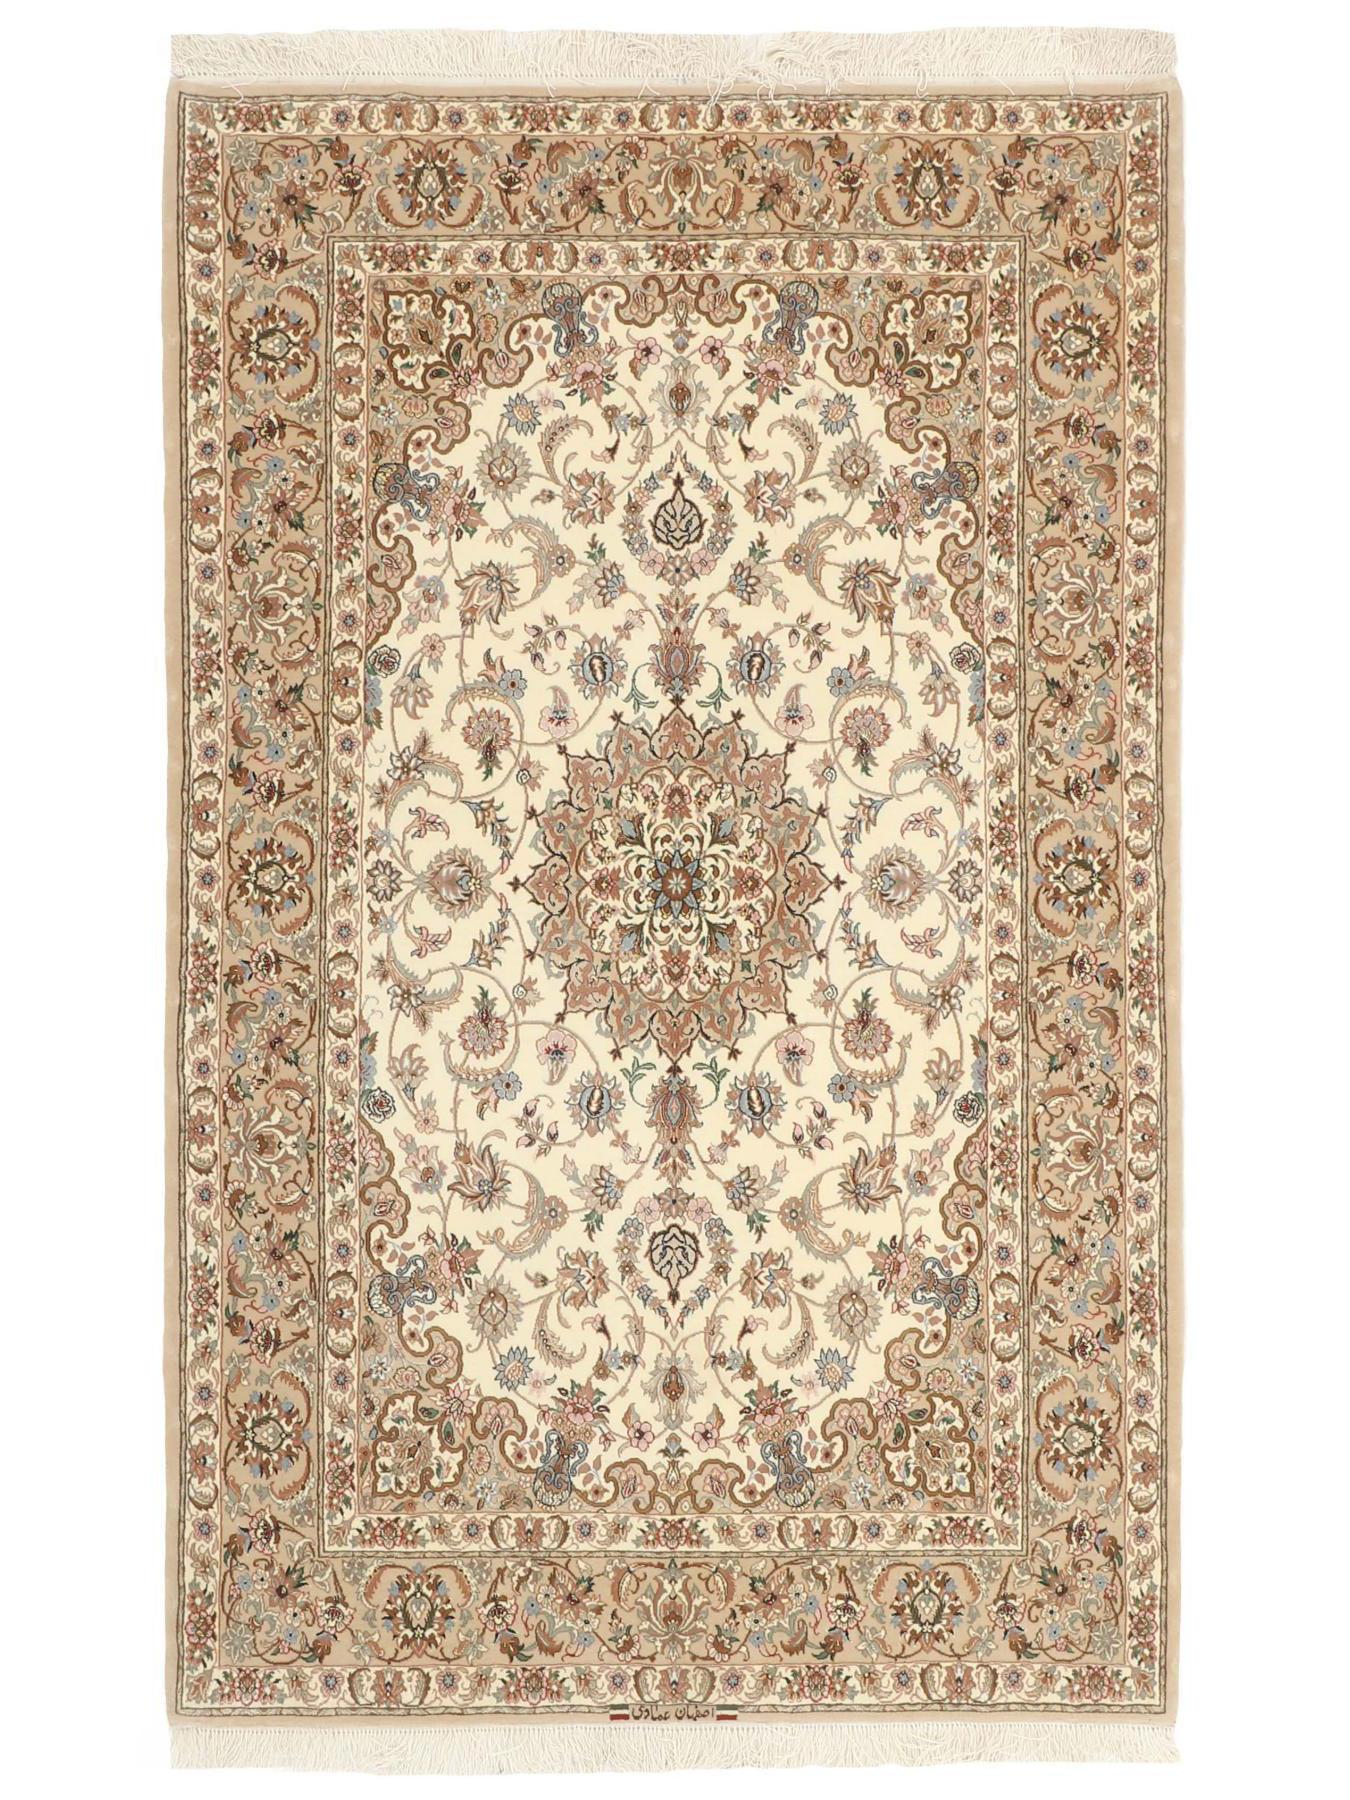 Prestigieuze tapijten - Isfahan